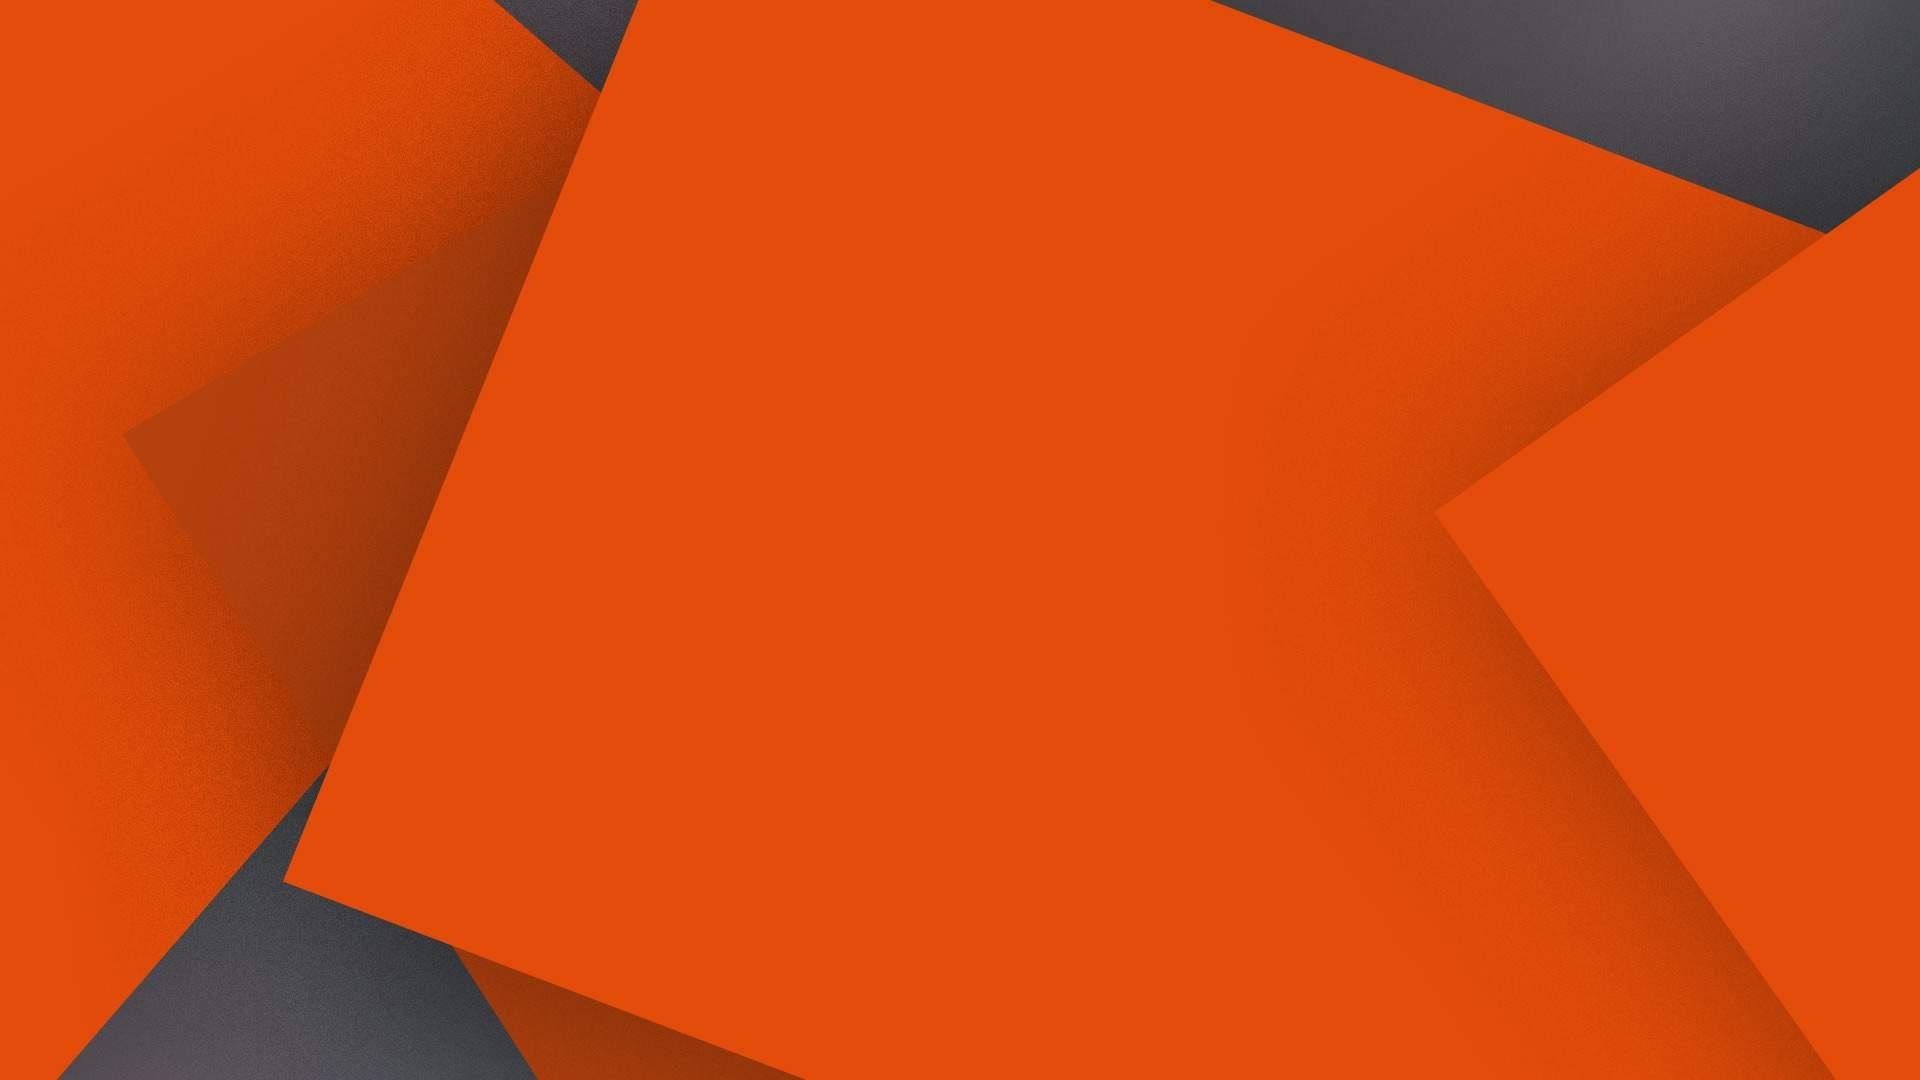 bender visual 2